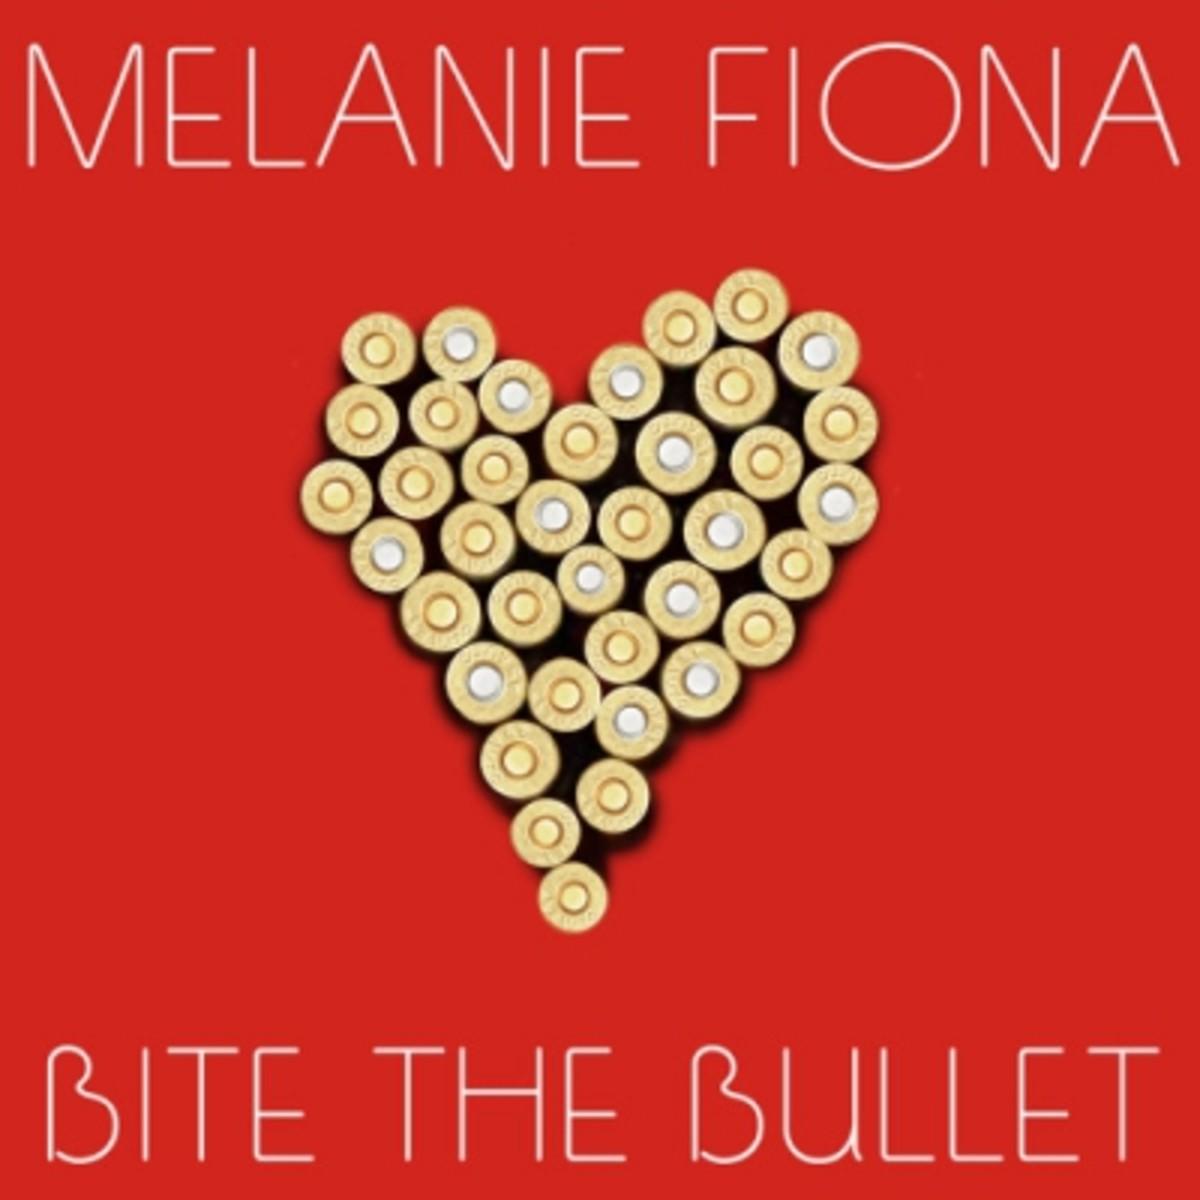 melanie-fiona-bite-the-bullet.jpg